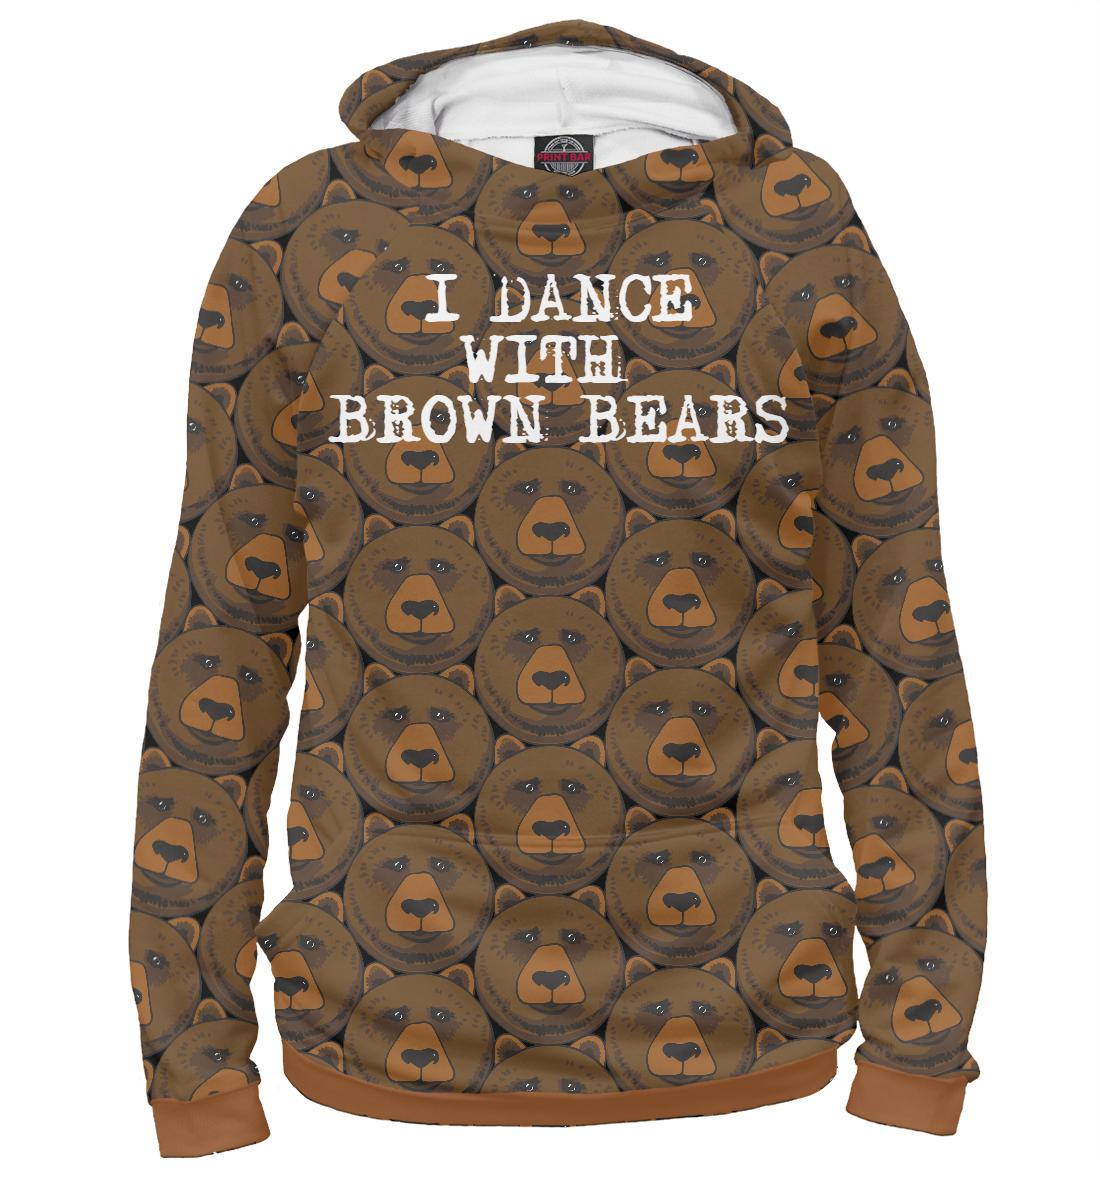 Медвед, Printbar, Худи, MED-229431-hud-2  - купить со скидкой